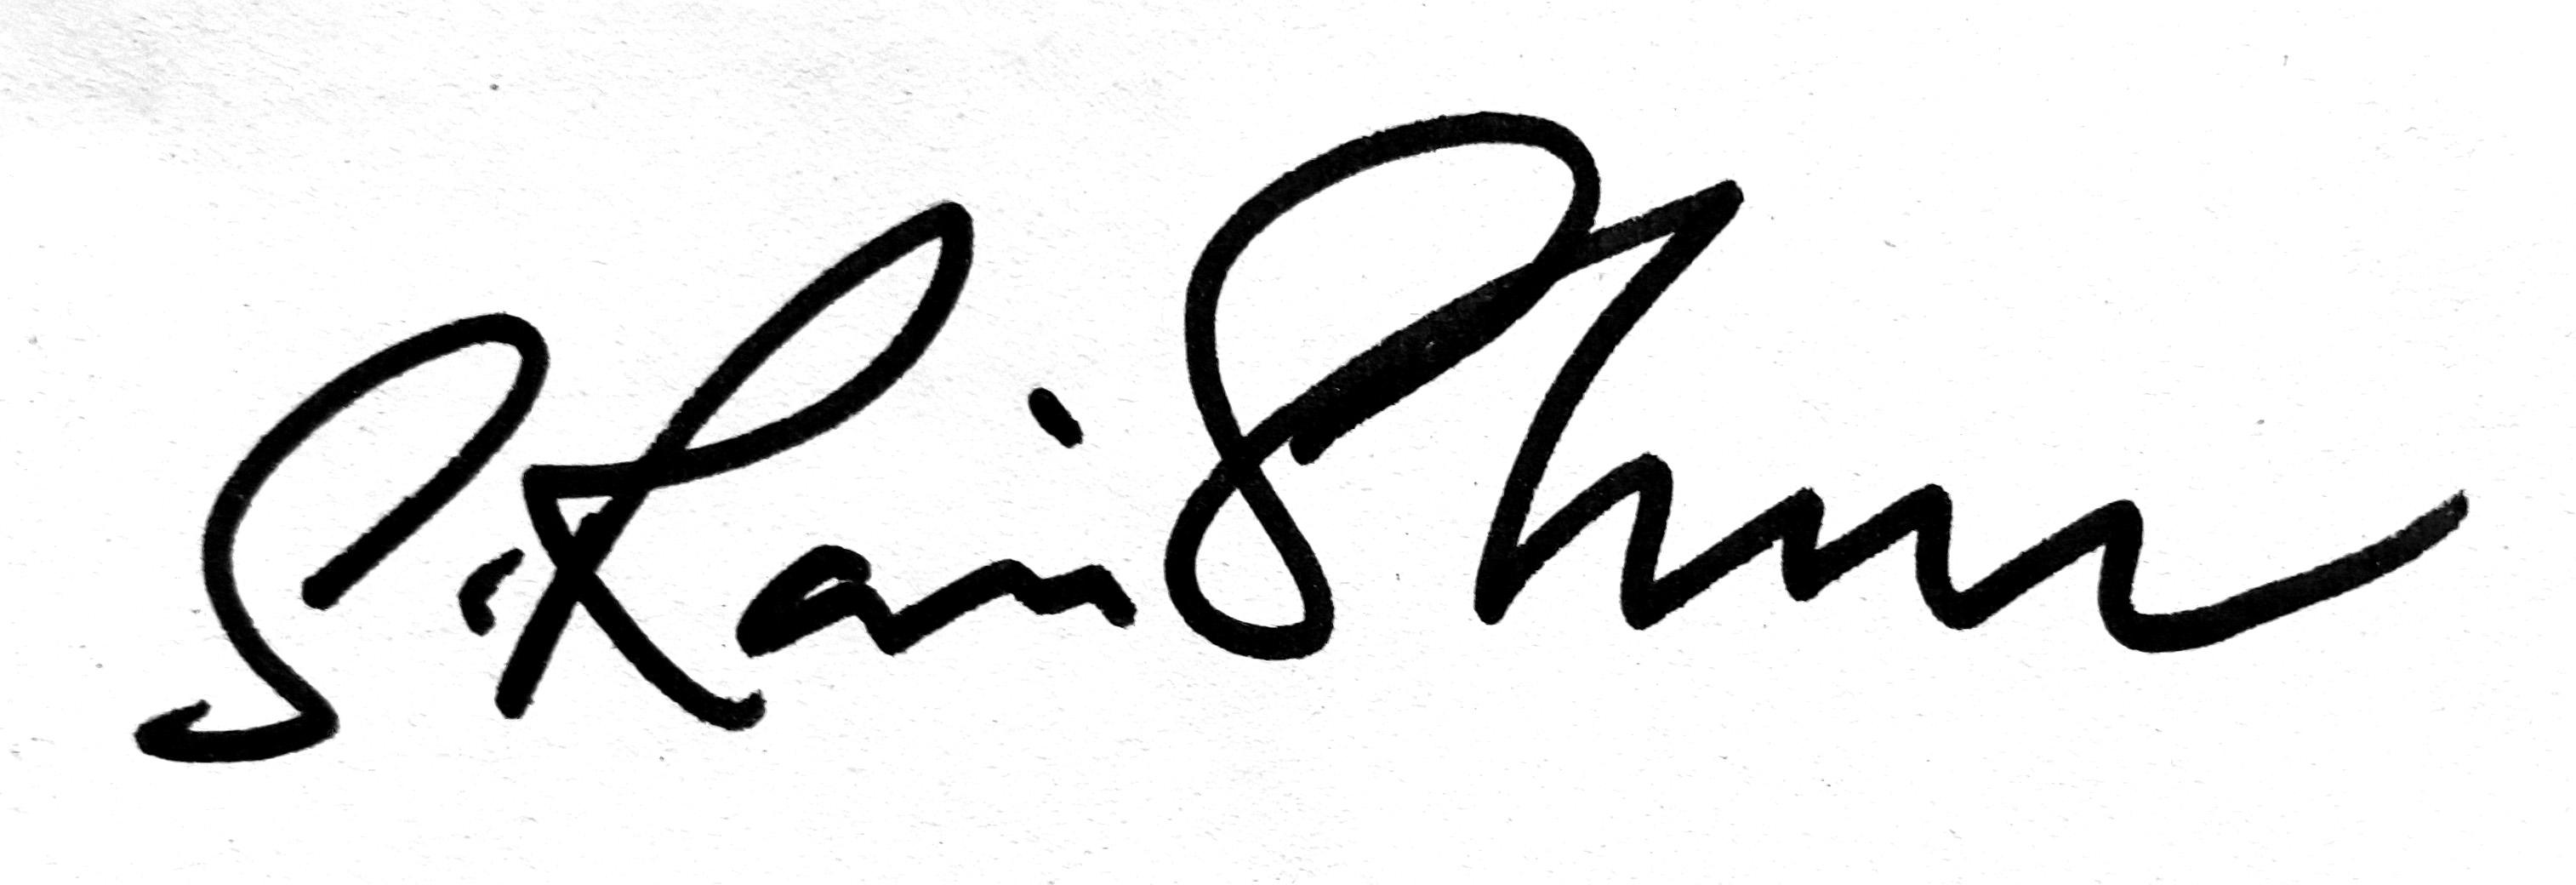 Ravi Shankar Subramaniam Signature